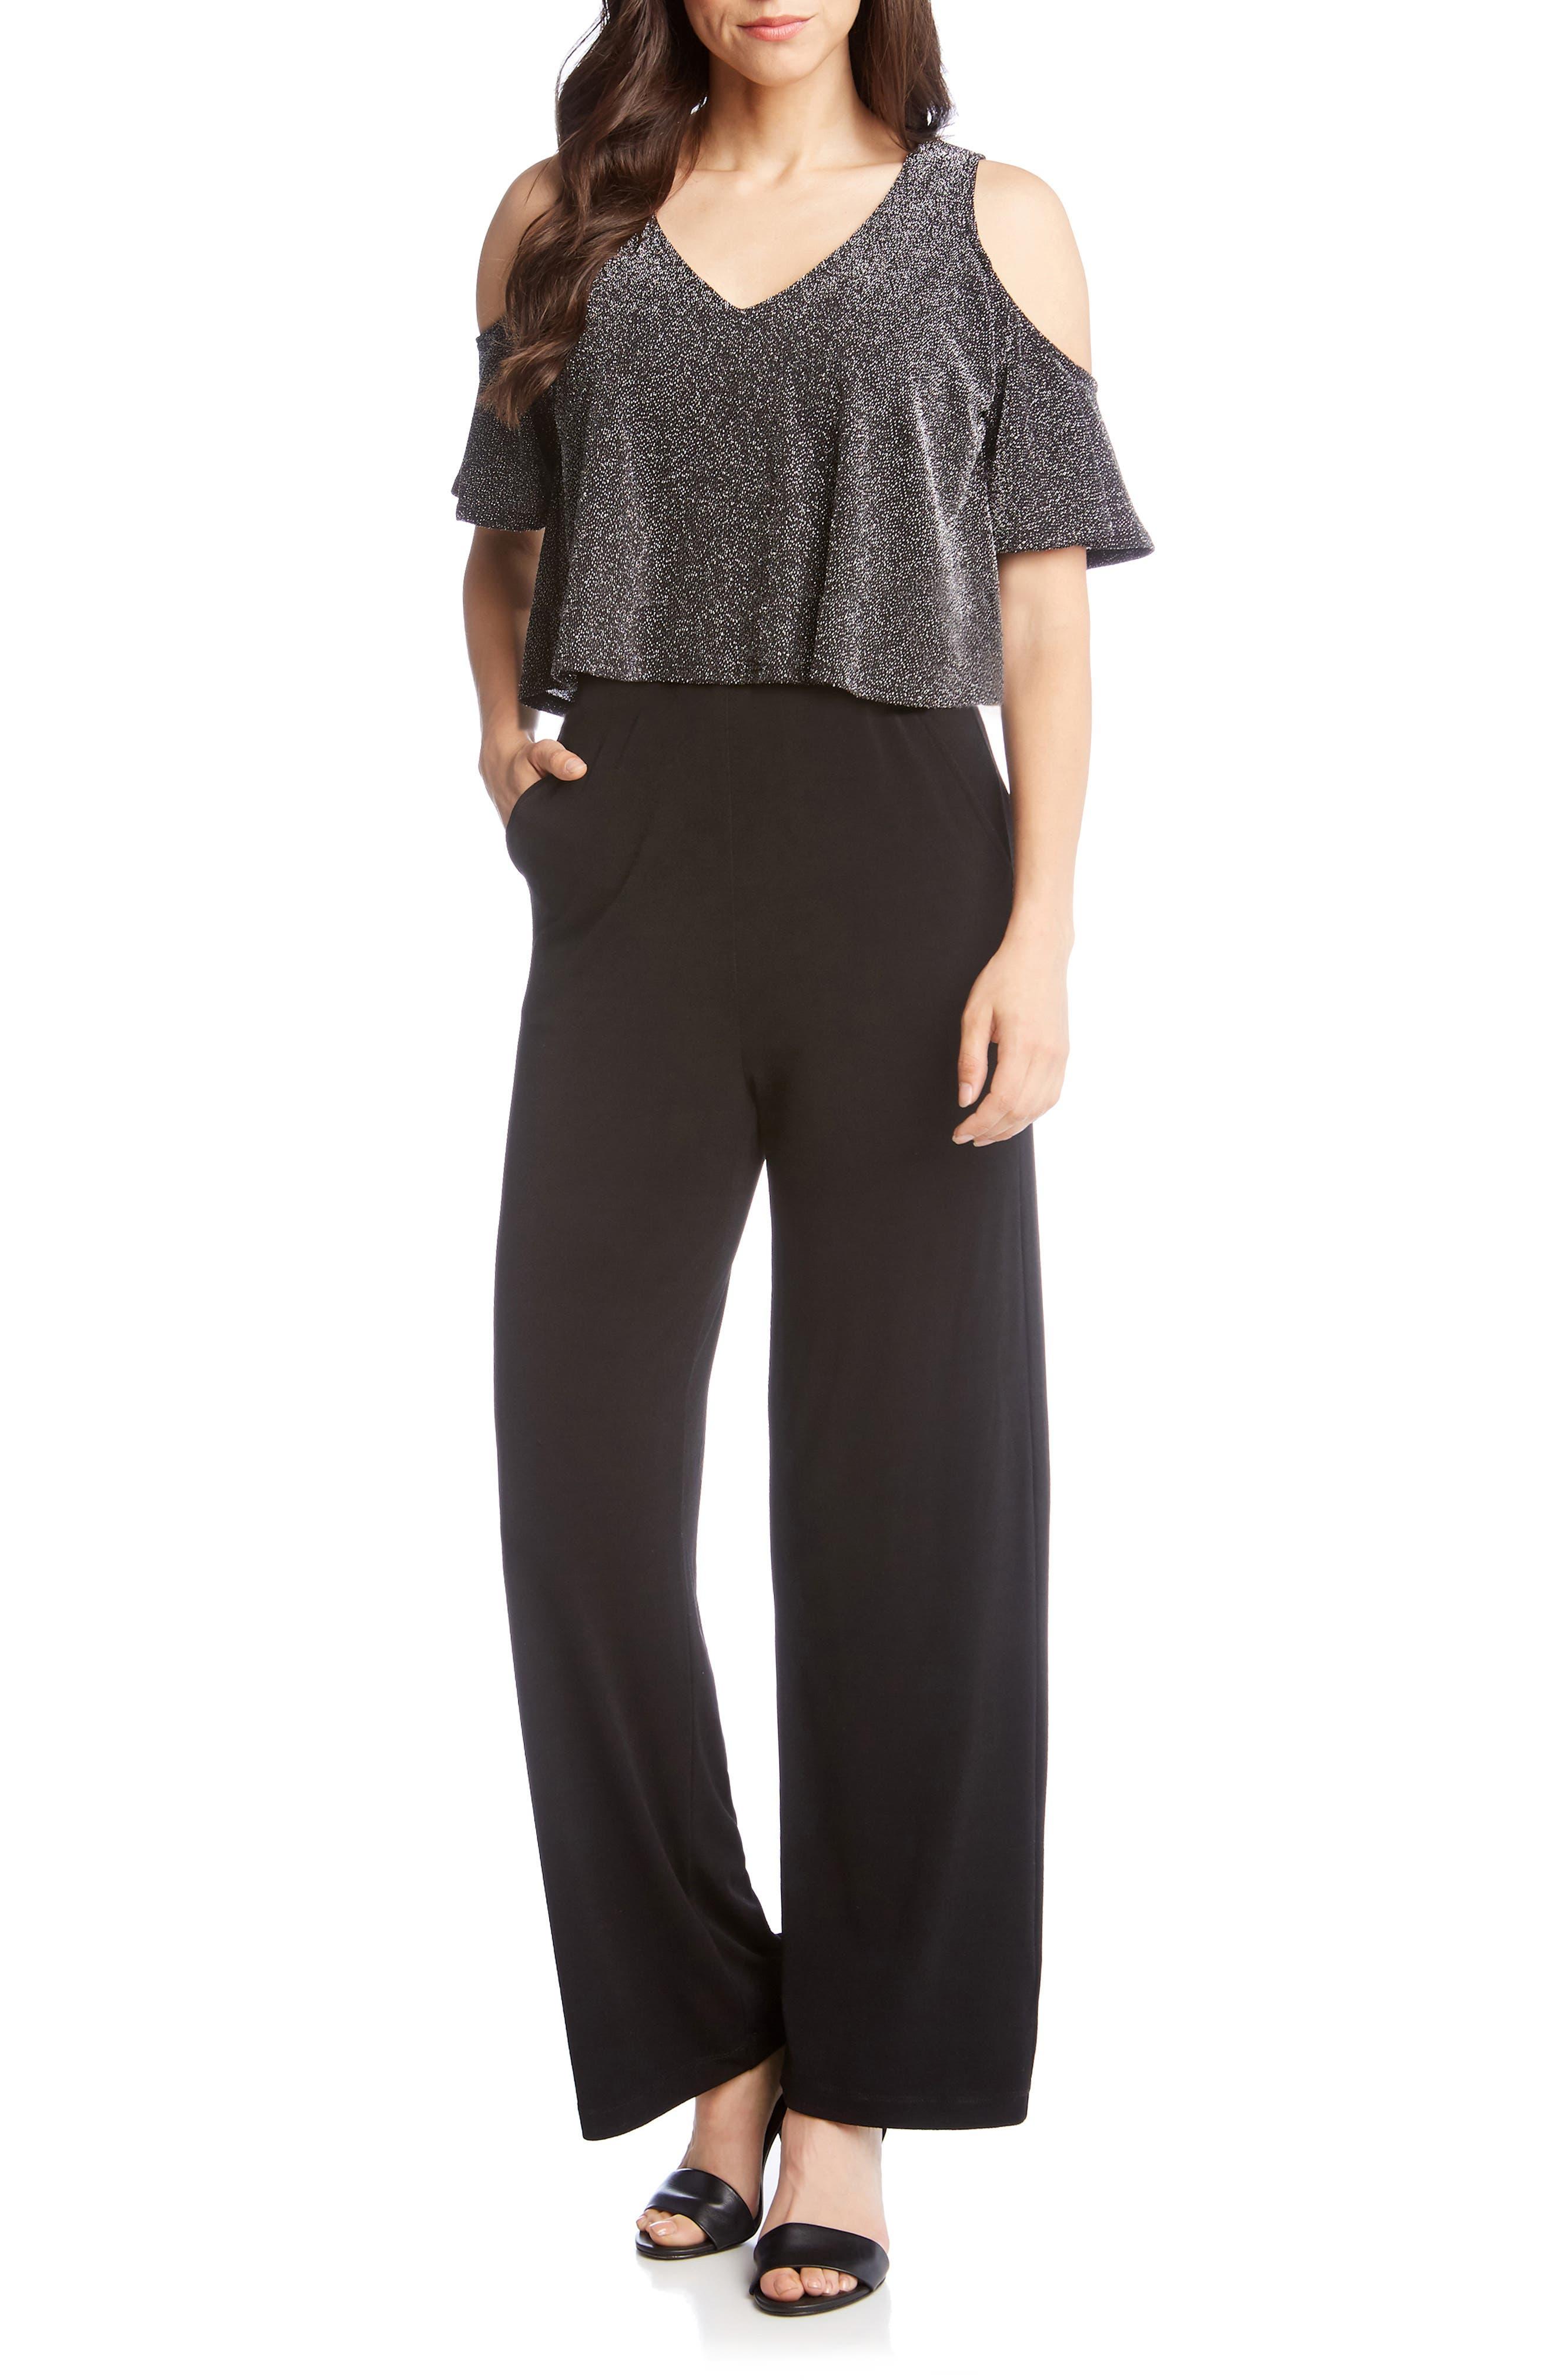 KAREN KANE Cold-Shoulder Sparkle-Knit Jumpsuit in Black